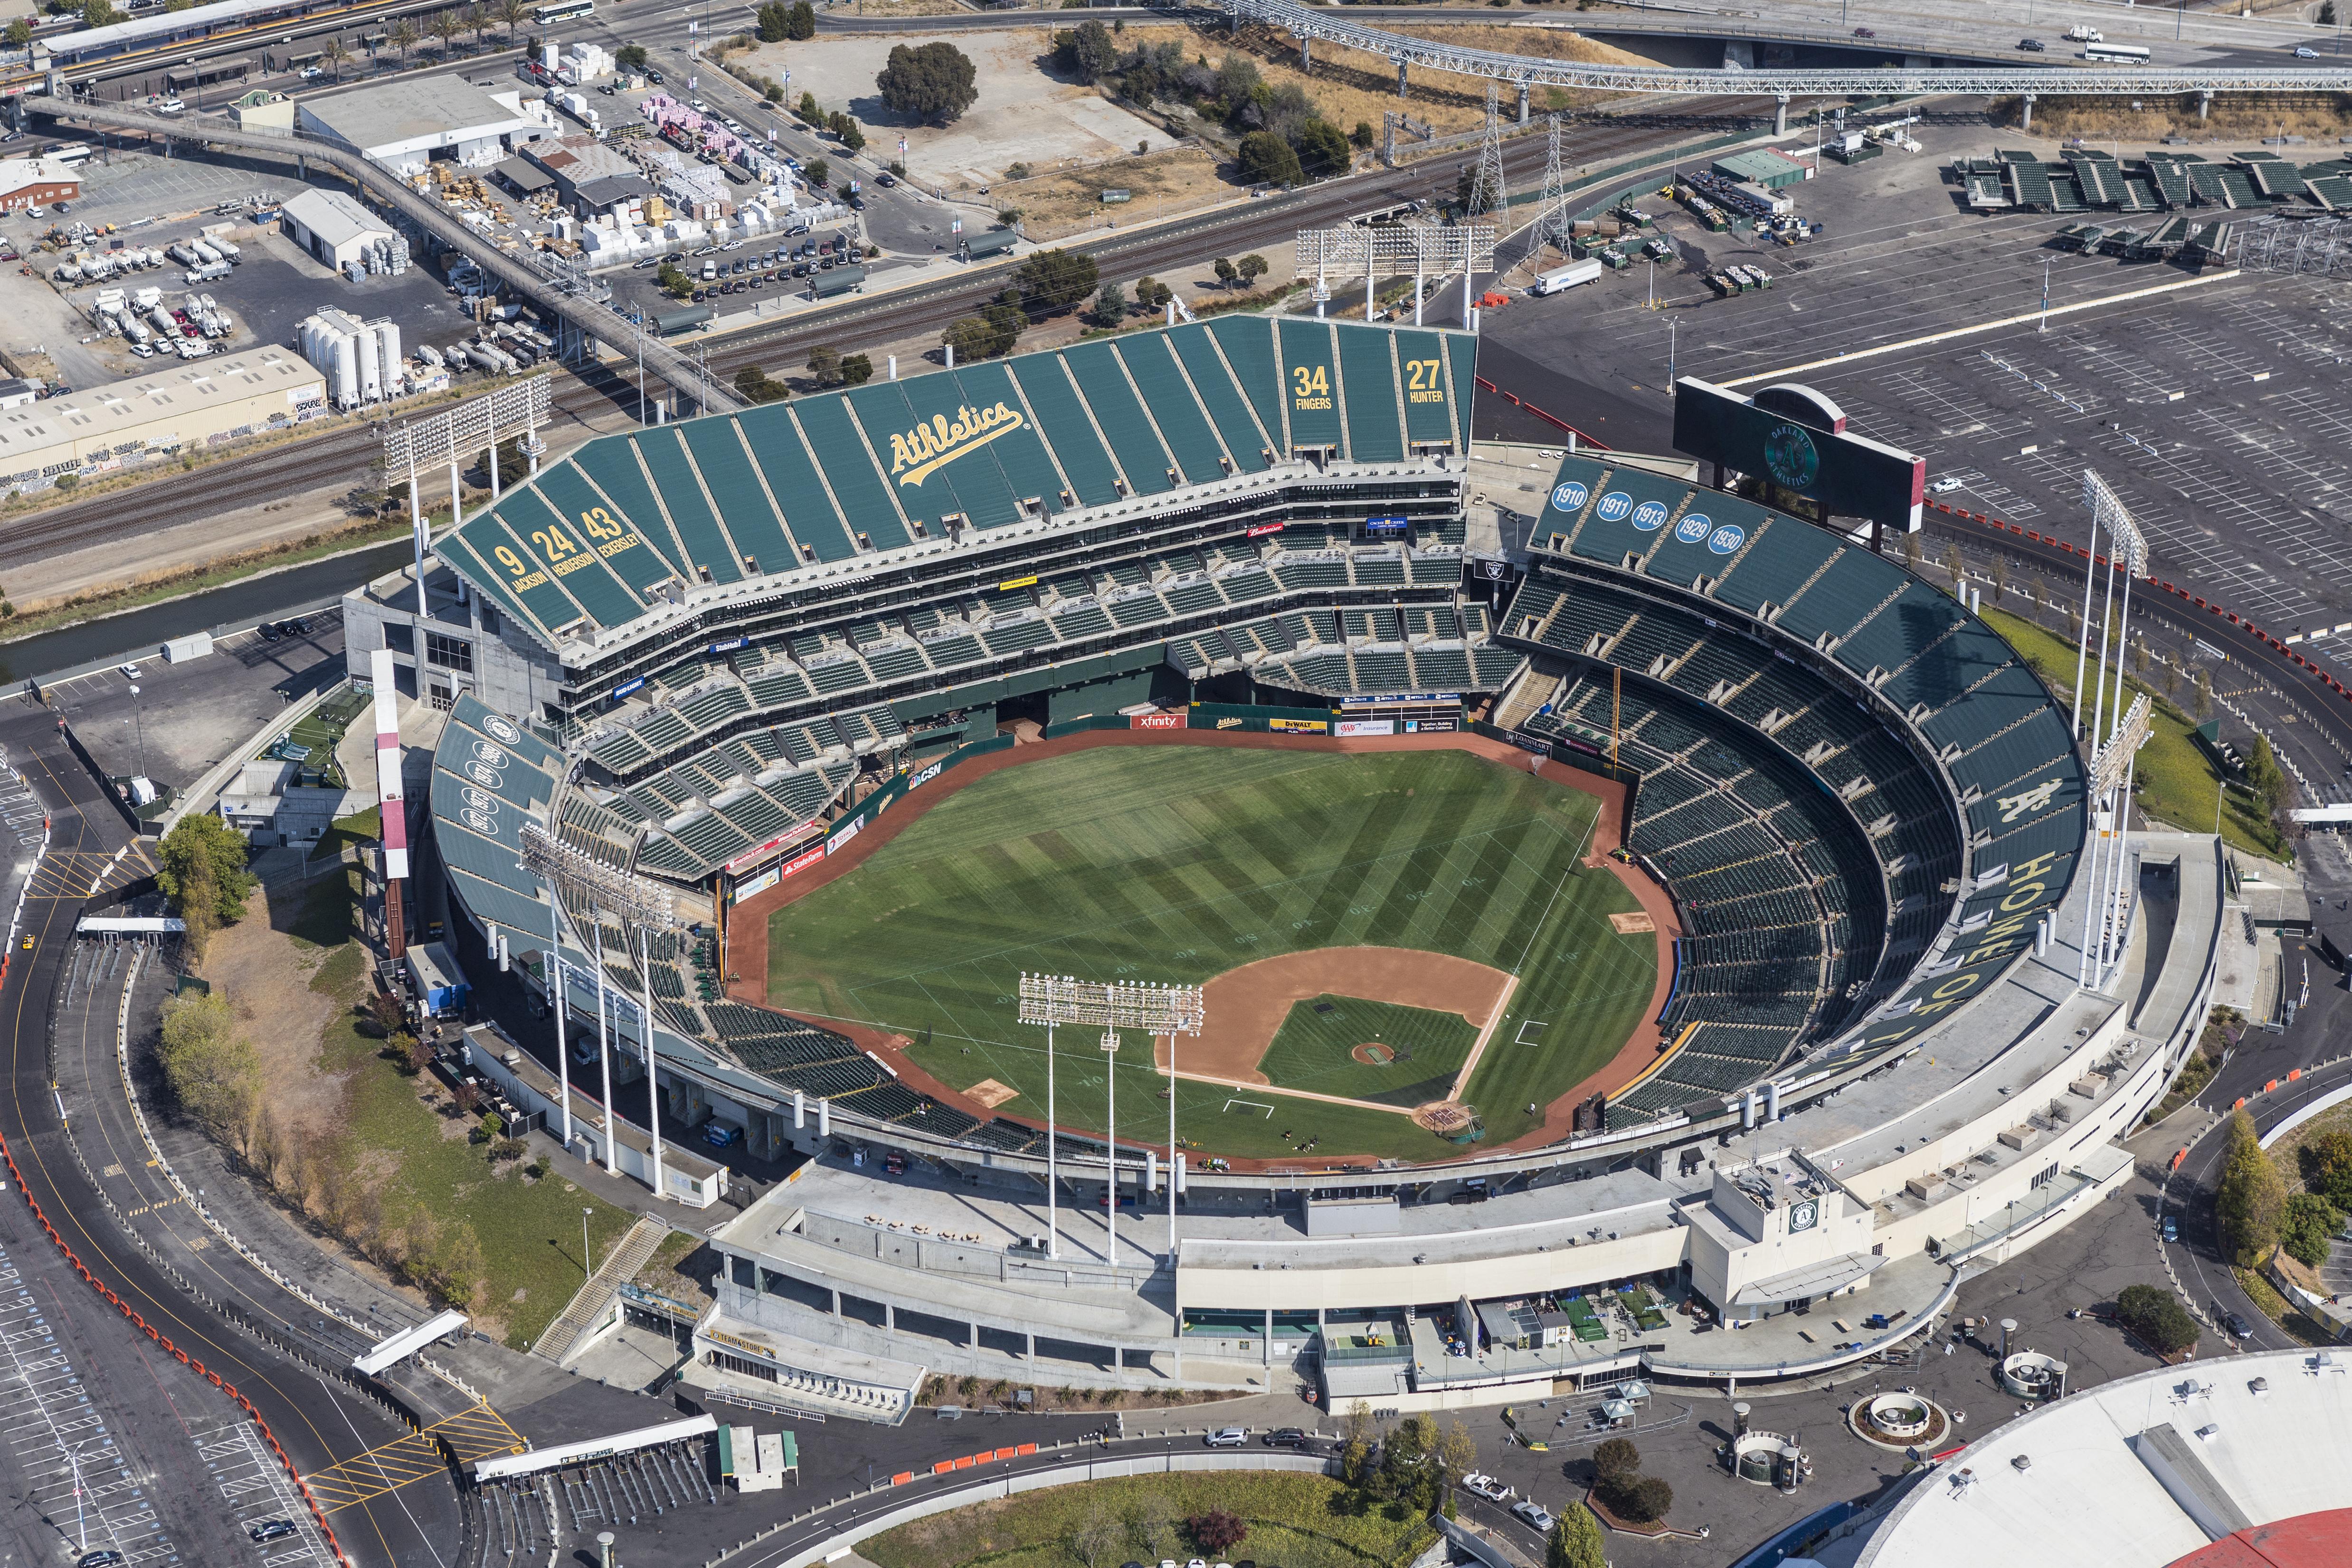 Aerial view of the Oakland Coliseum stadium.